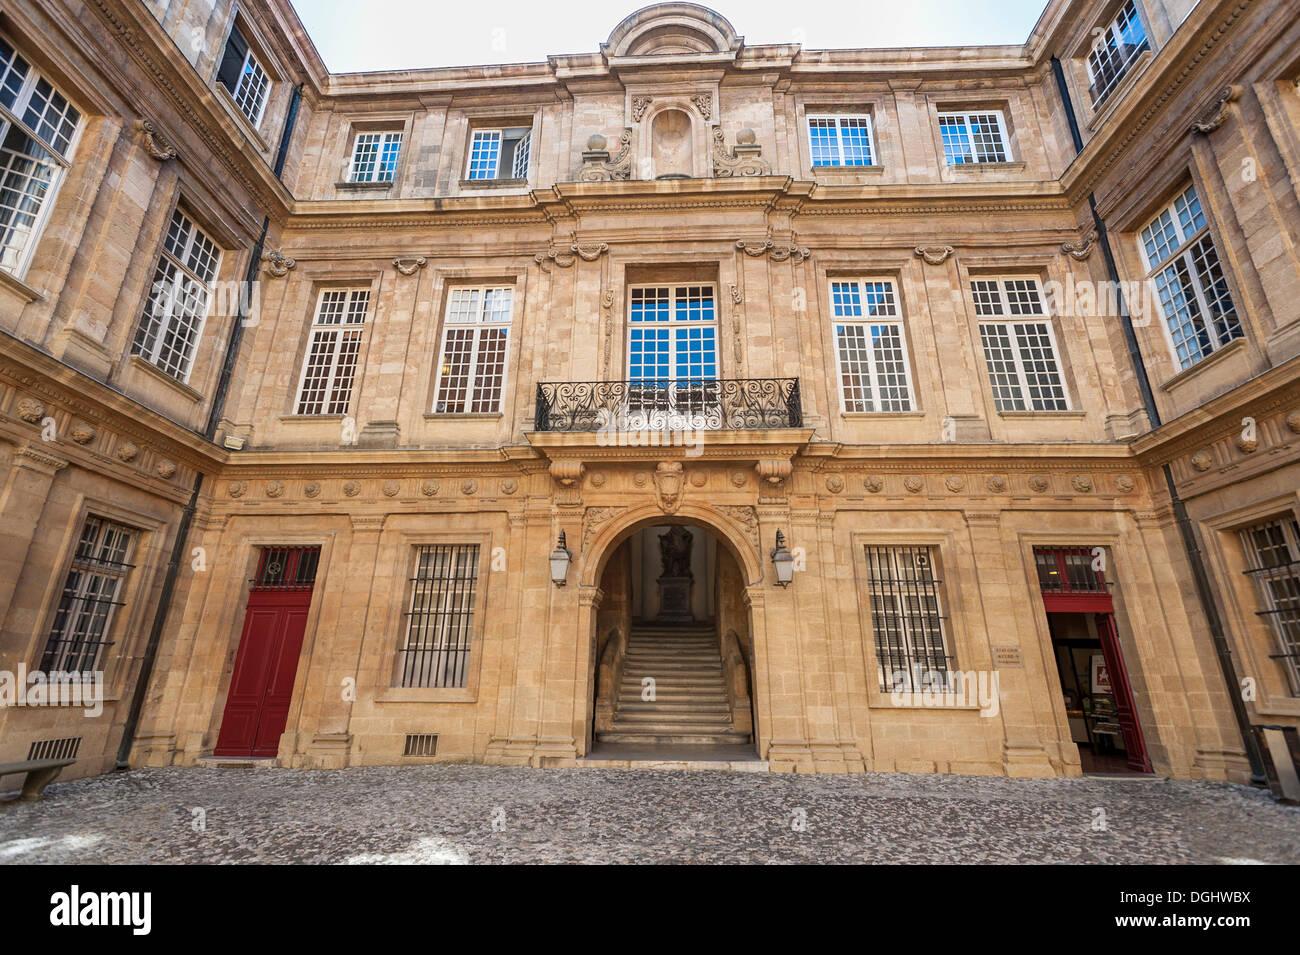 Hotel de Ville, Town Hall, Aix-en-Provence, Provence-Alpes-Côte d'Azur, France, Europe - Stock Image